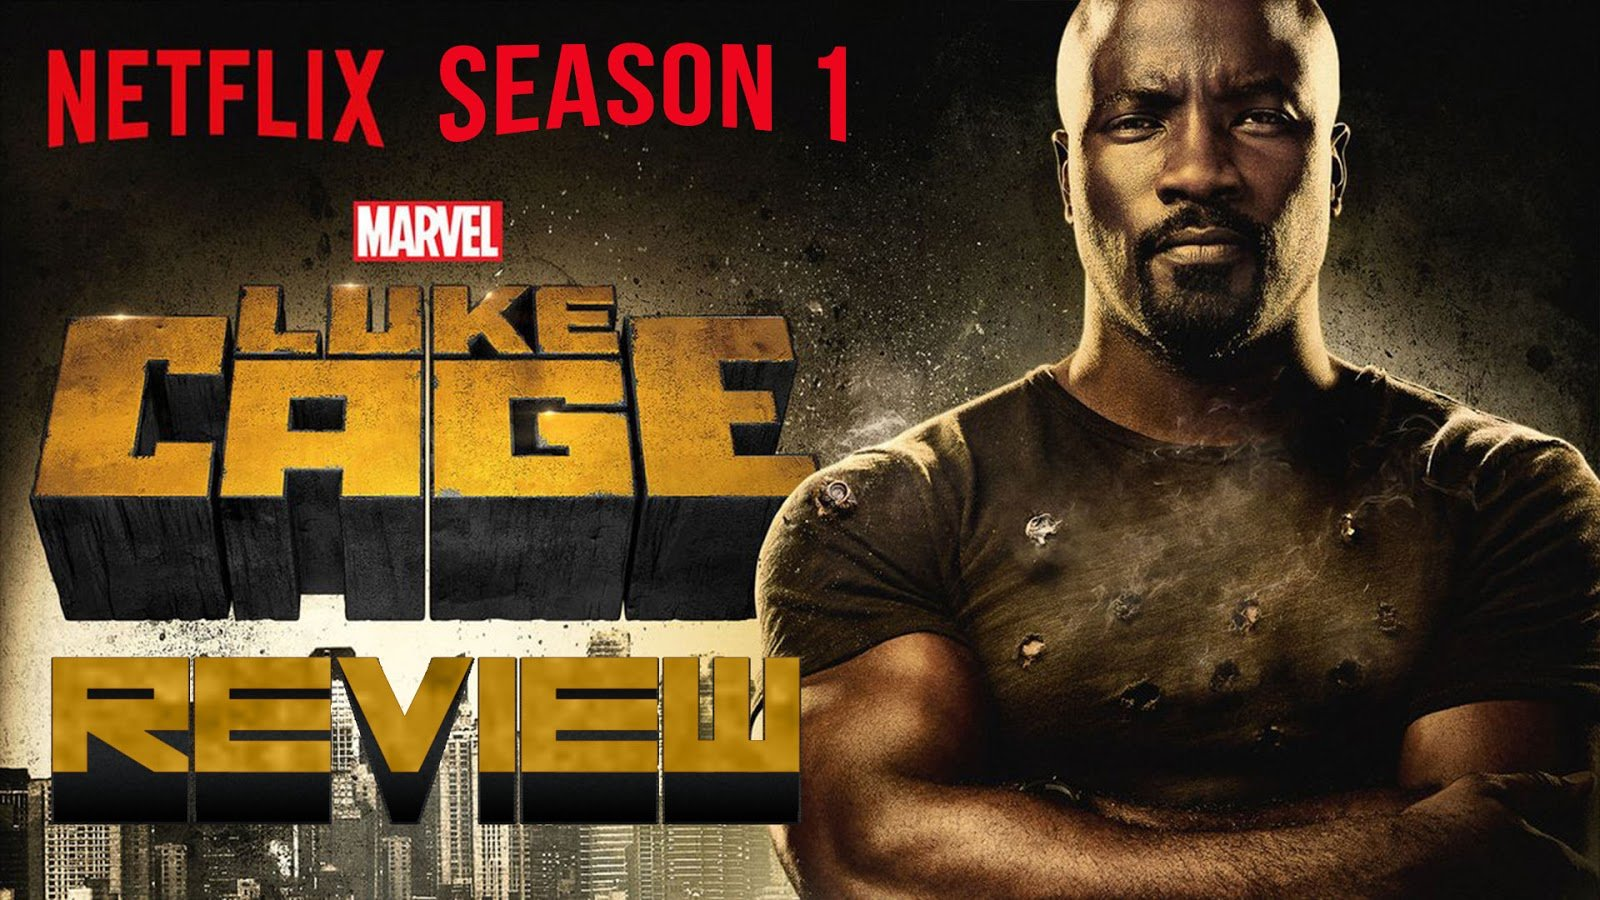 Luke Cage Marvel Wallpaper wwwimgkidcom   The Image 1600x900